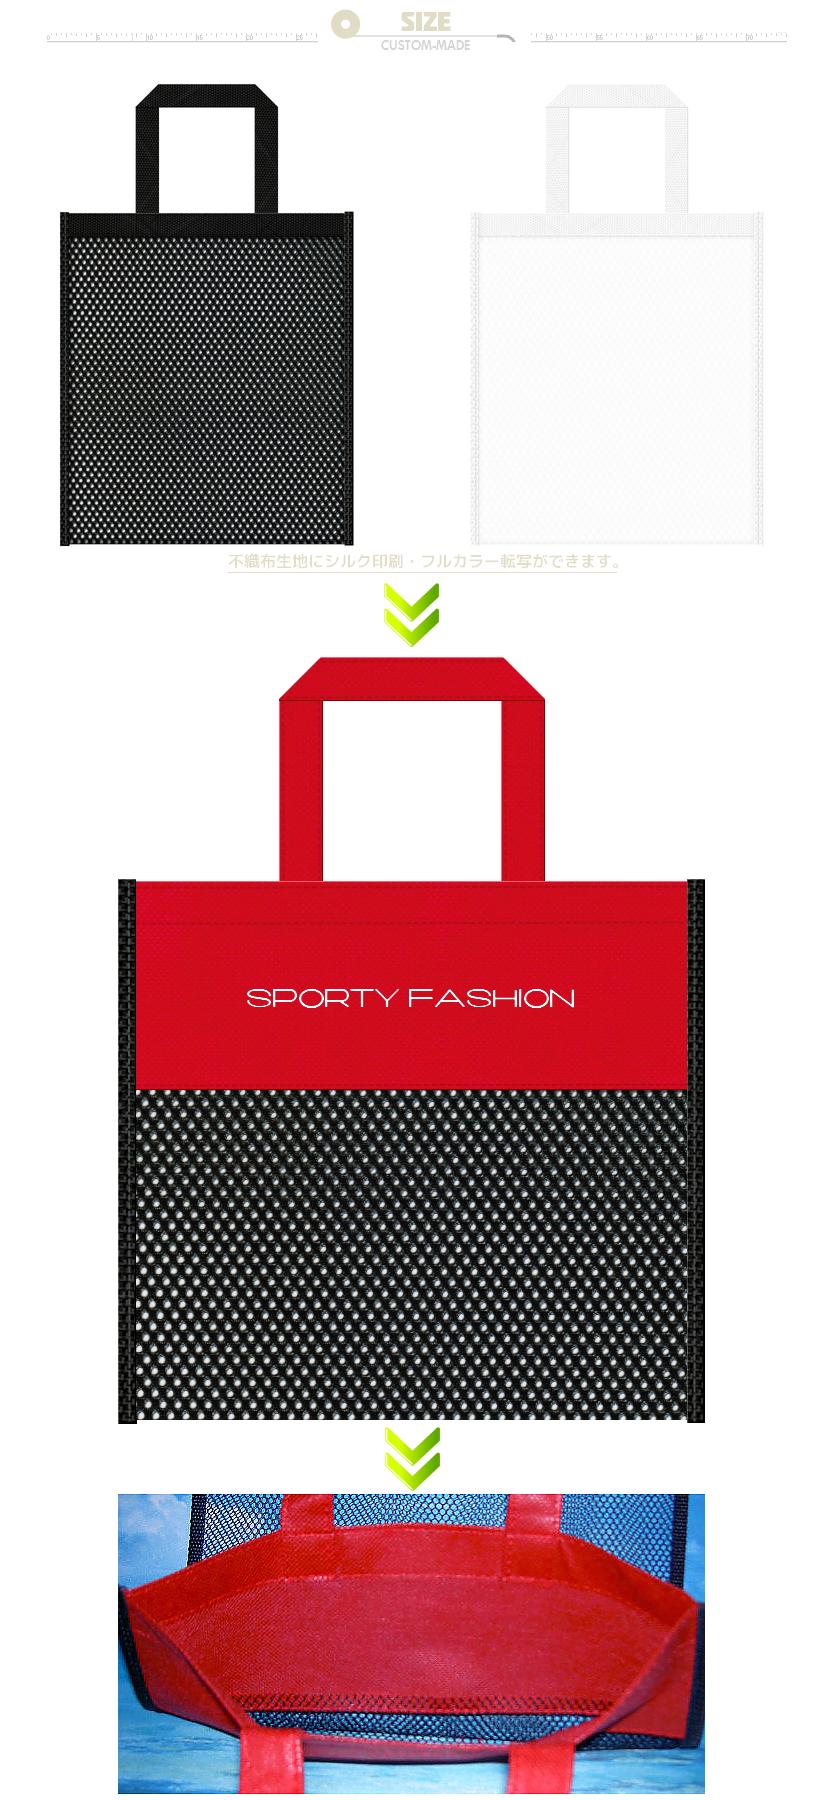 マチのないフラットタイプのメッシュトートバッグのオリジナル制作:サマー用品の展示会用バッグにお奨めです。